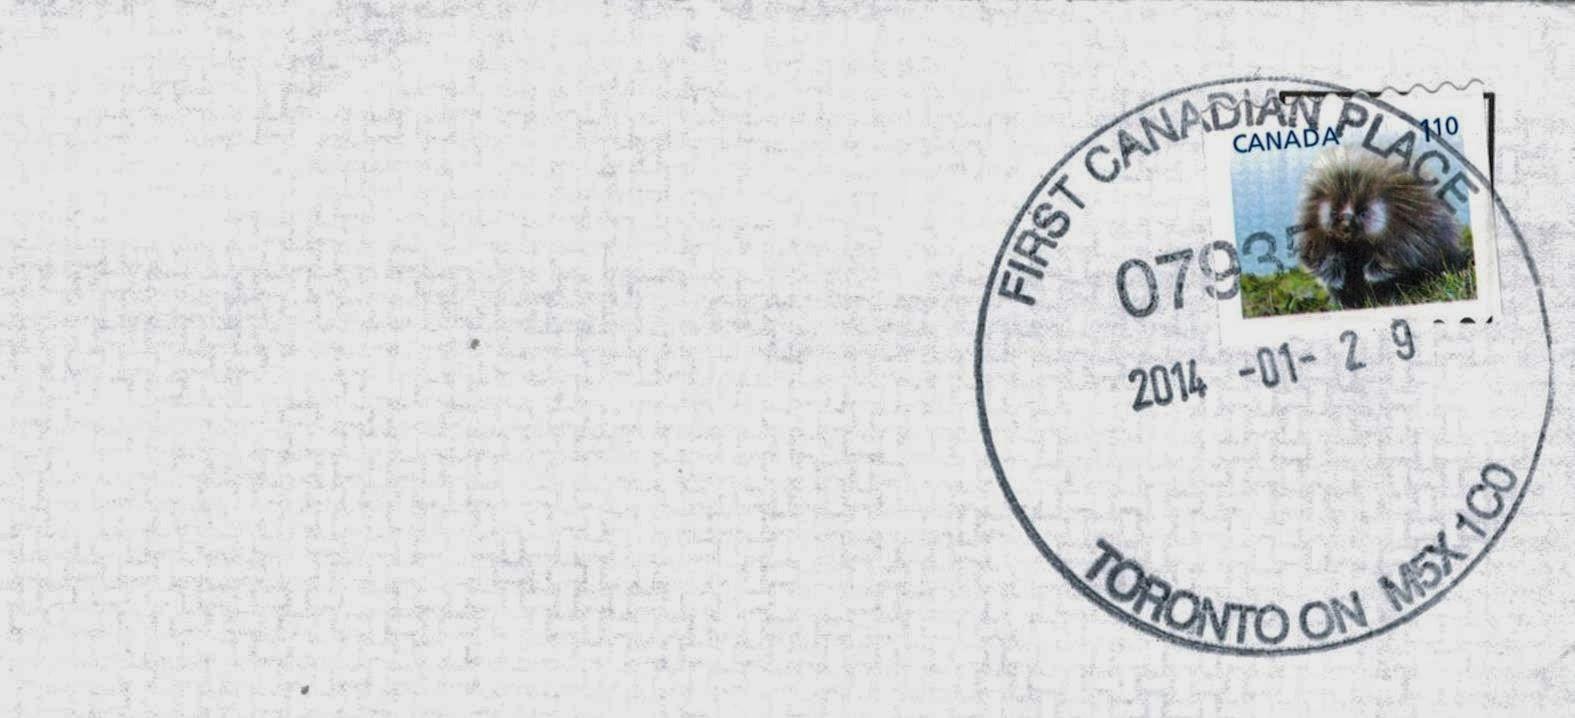 Postal History Corner: Canadian Standard Size Letter Rates